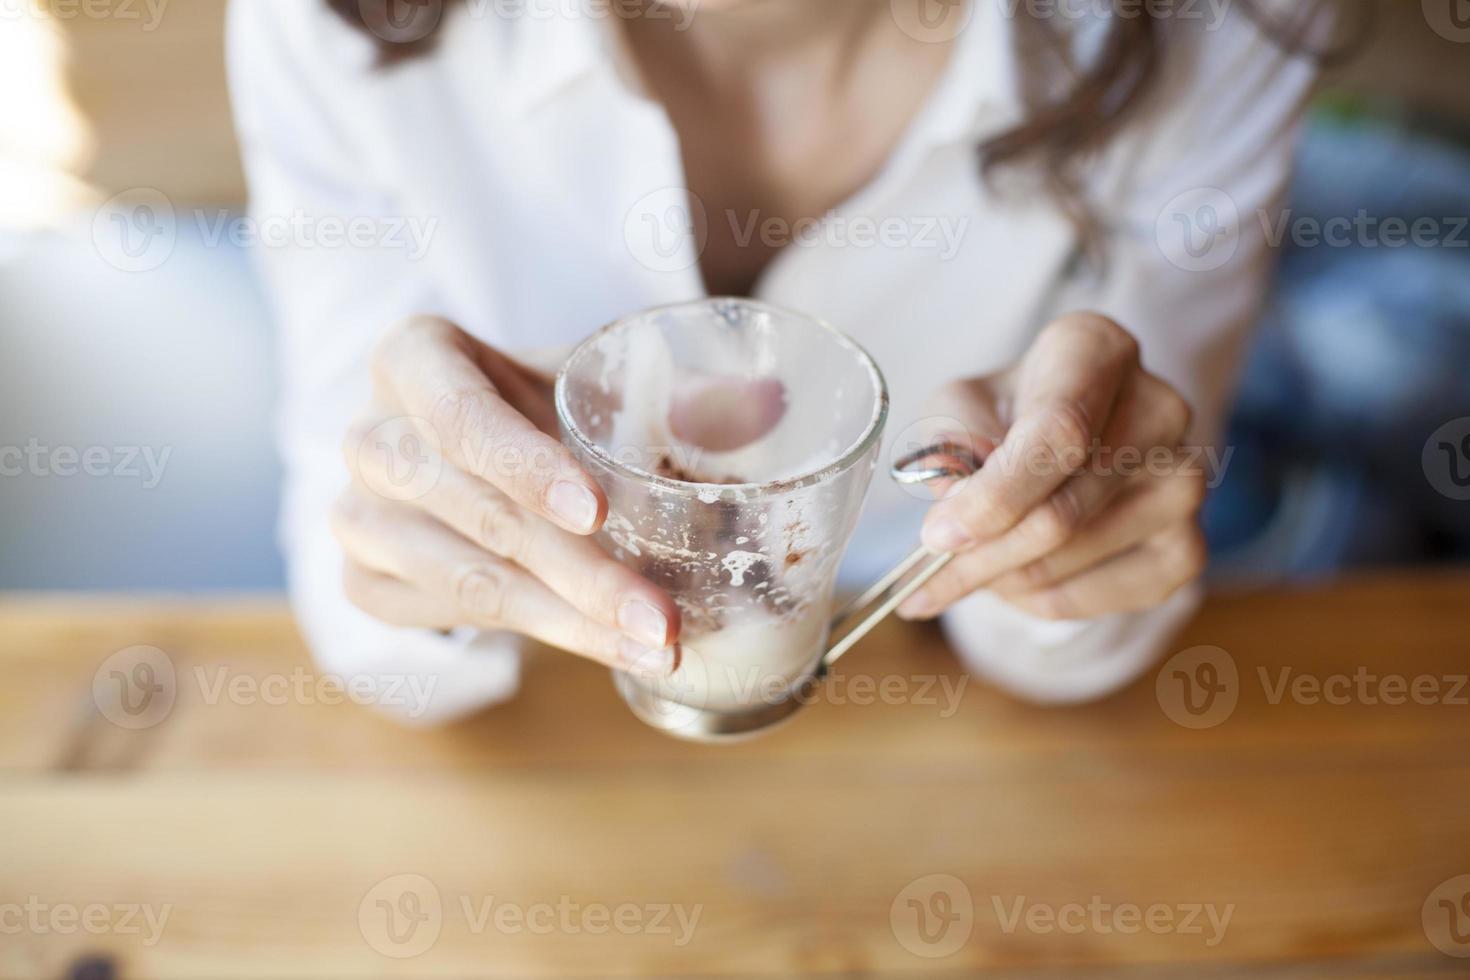 lege cappuccino koffie in handen van de vrouw foto